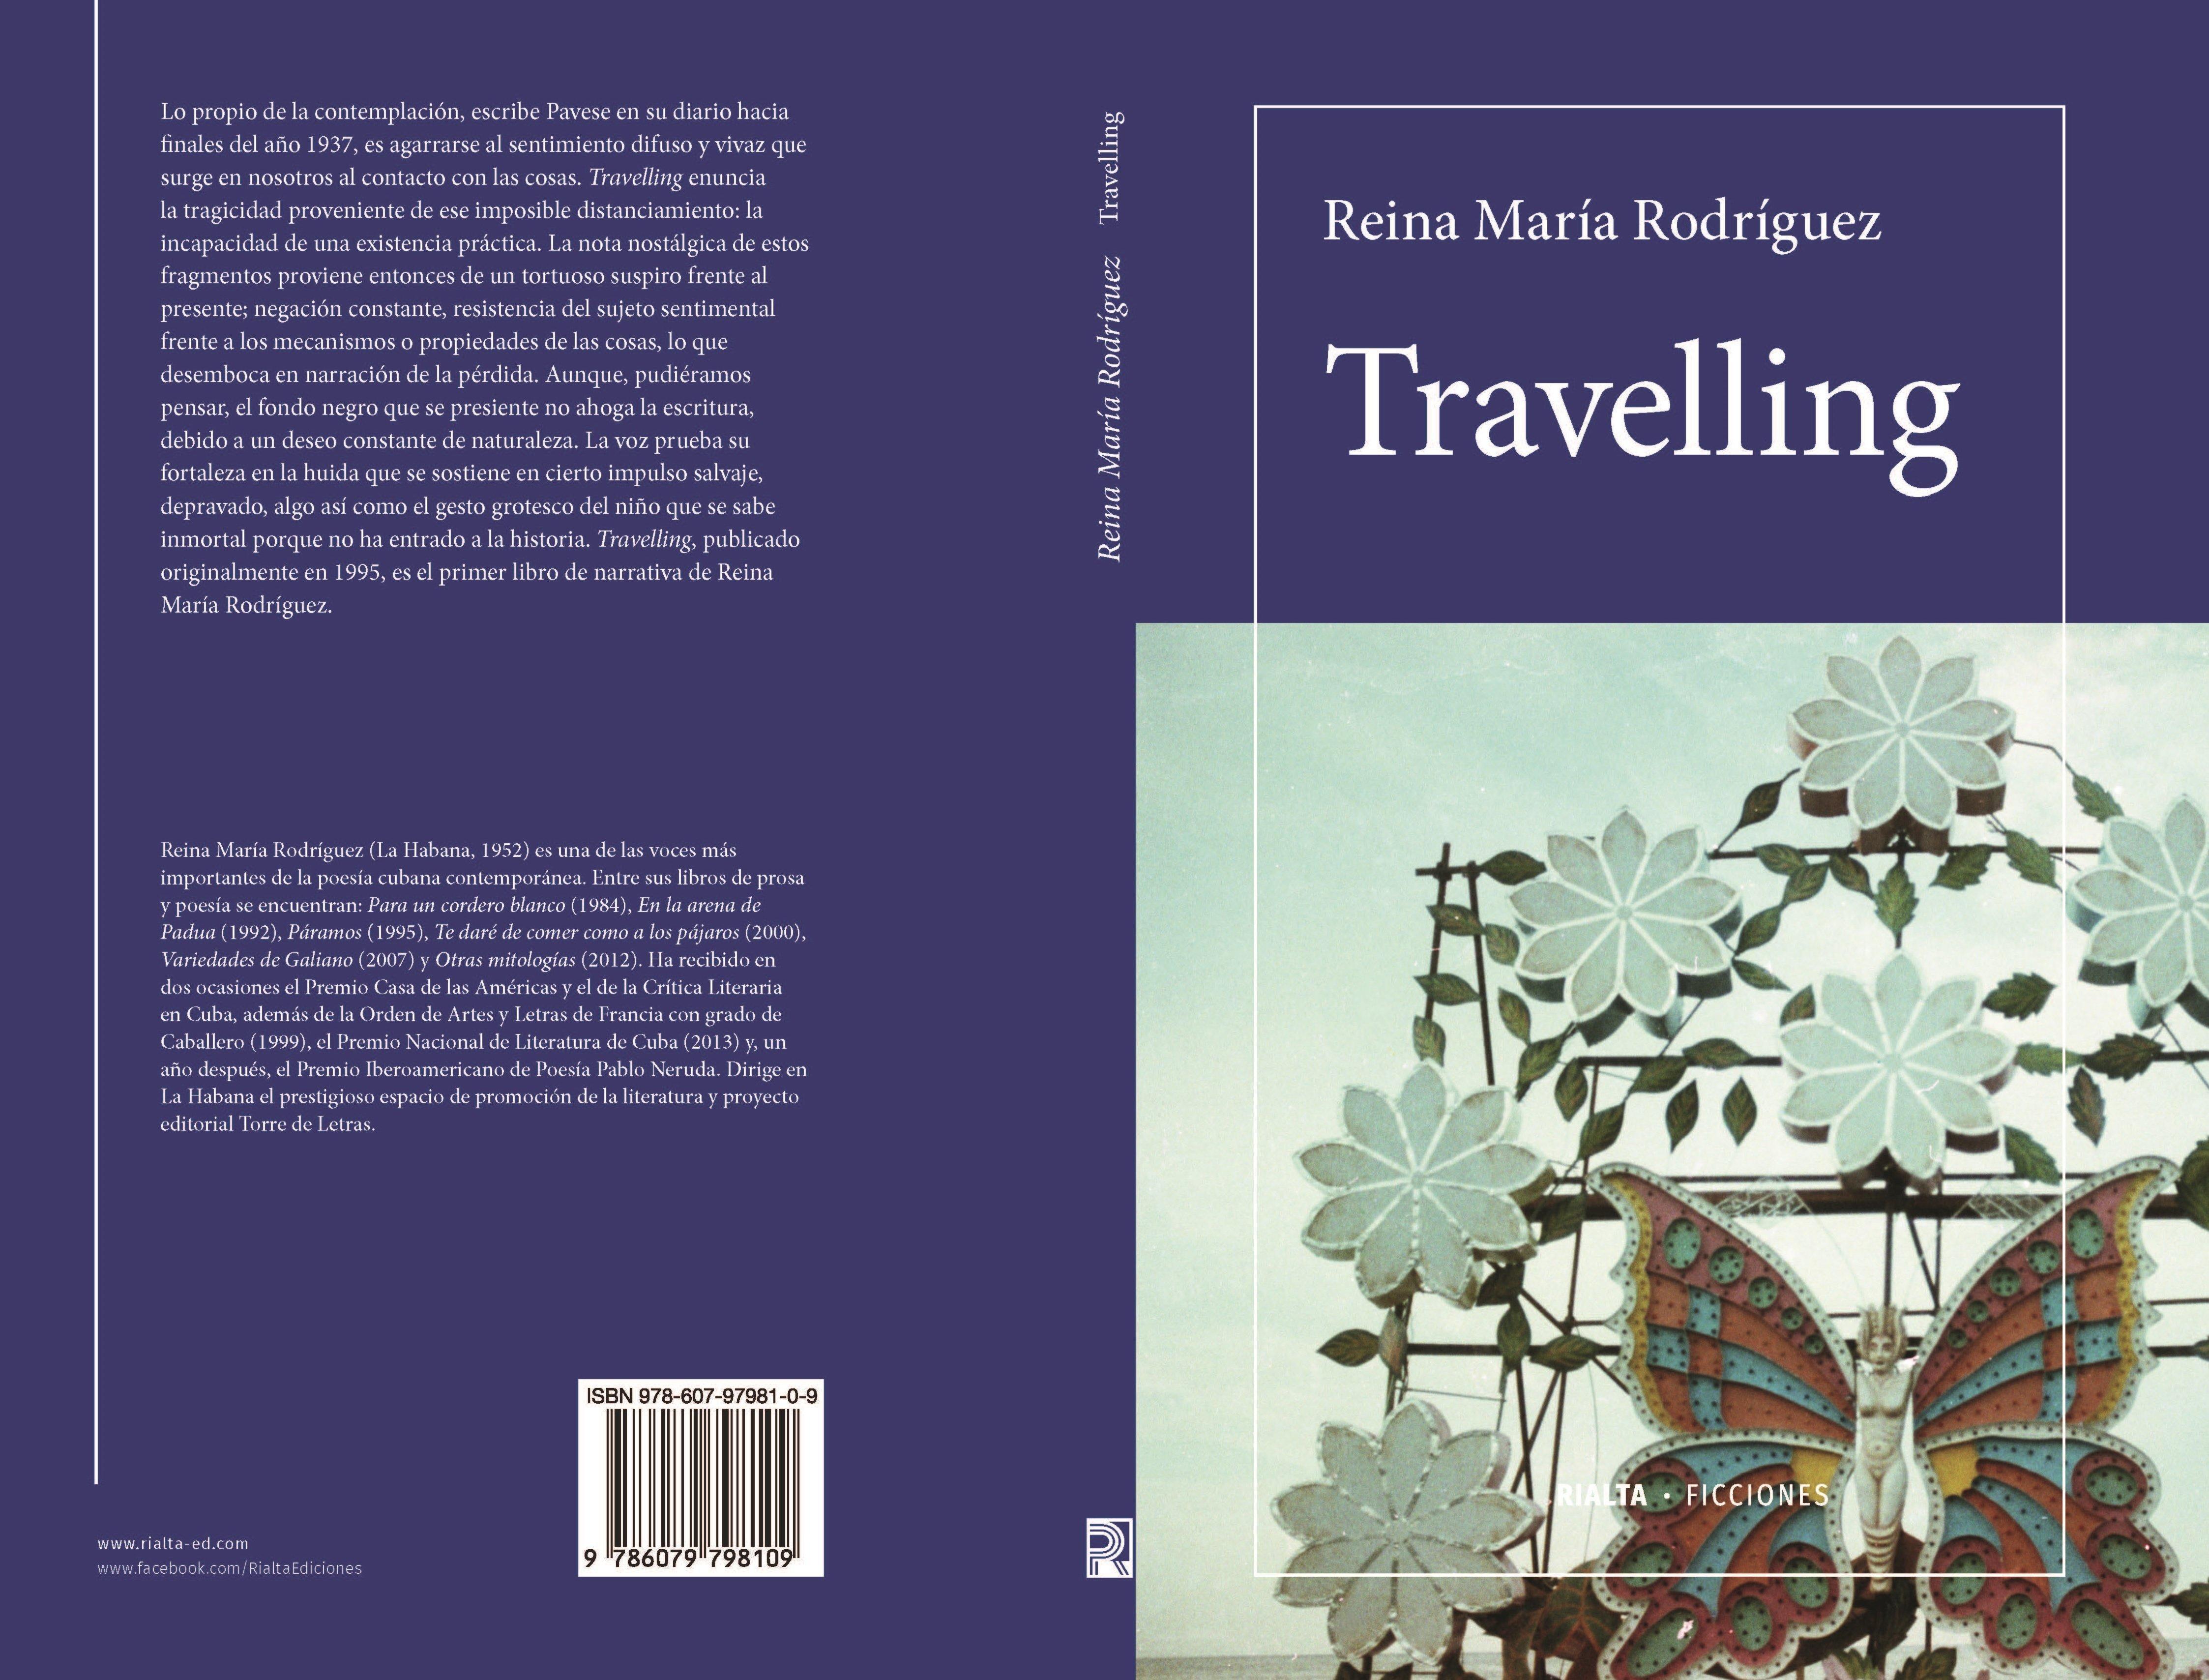 Cubierta Travelling, de Reina María Rodríguez (pliego)